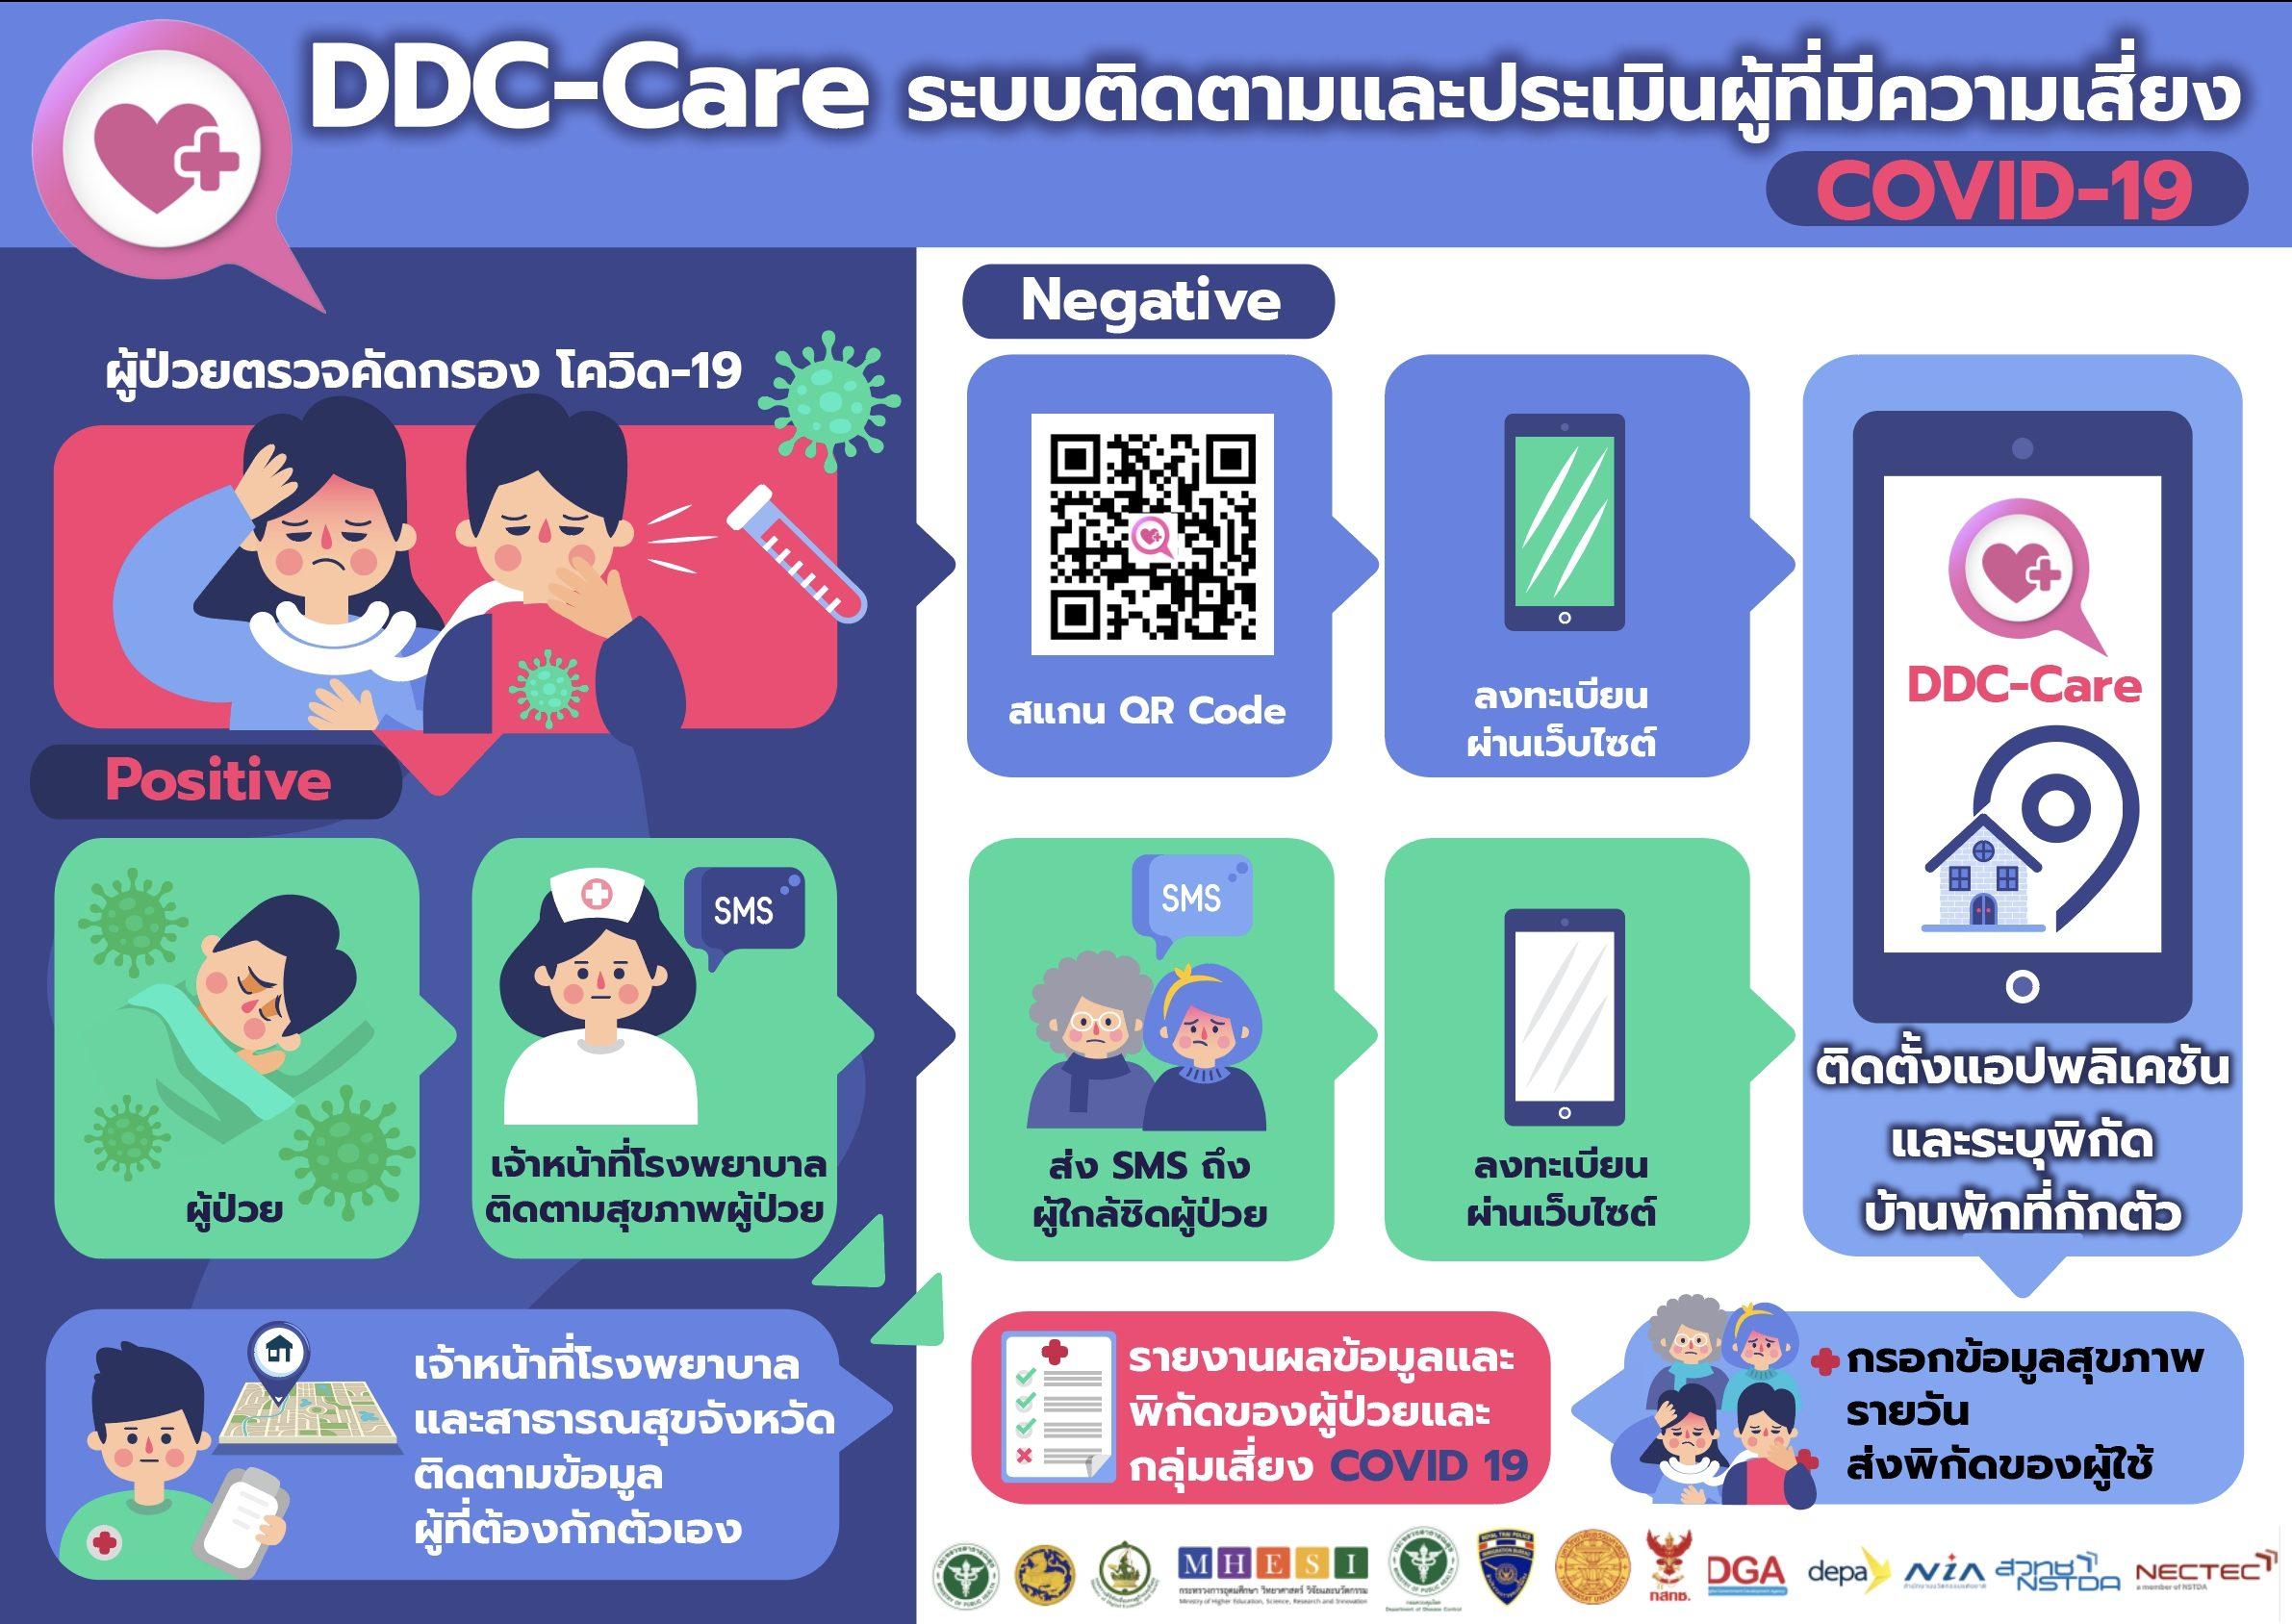 สวทช.พัฒนาแอพพ์สู้โควิด-19 'DDC-Care และ Traffy Fondue'